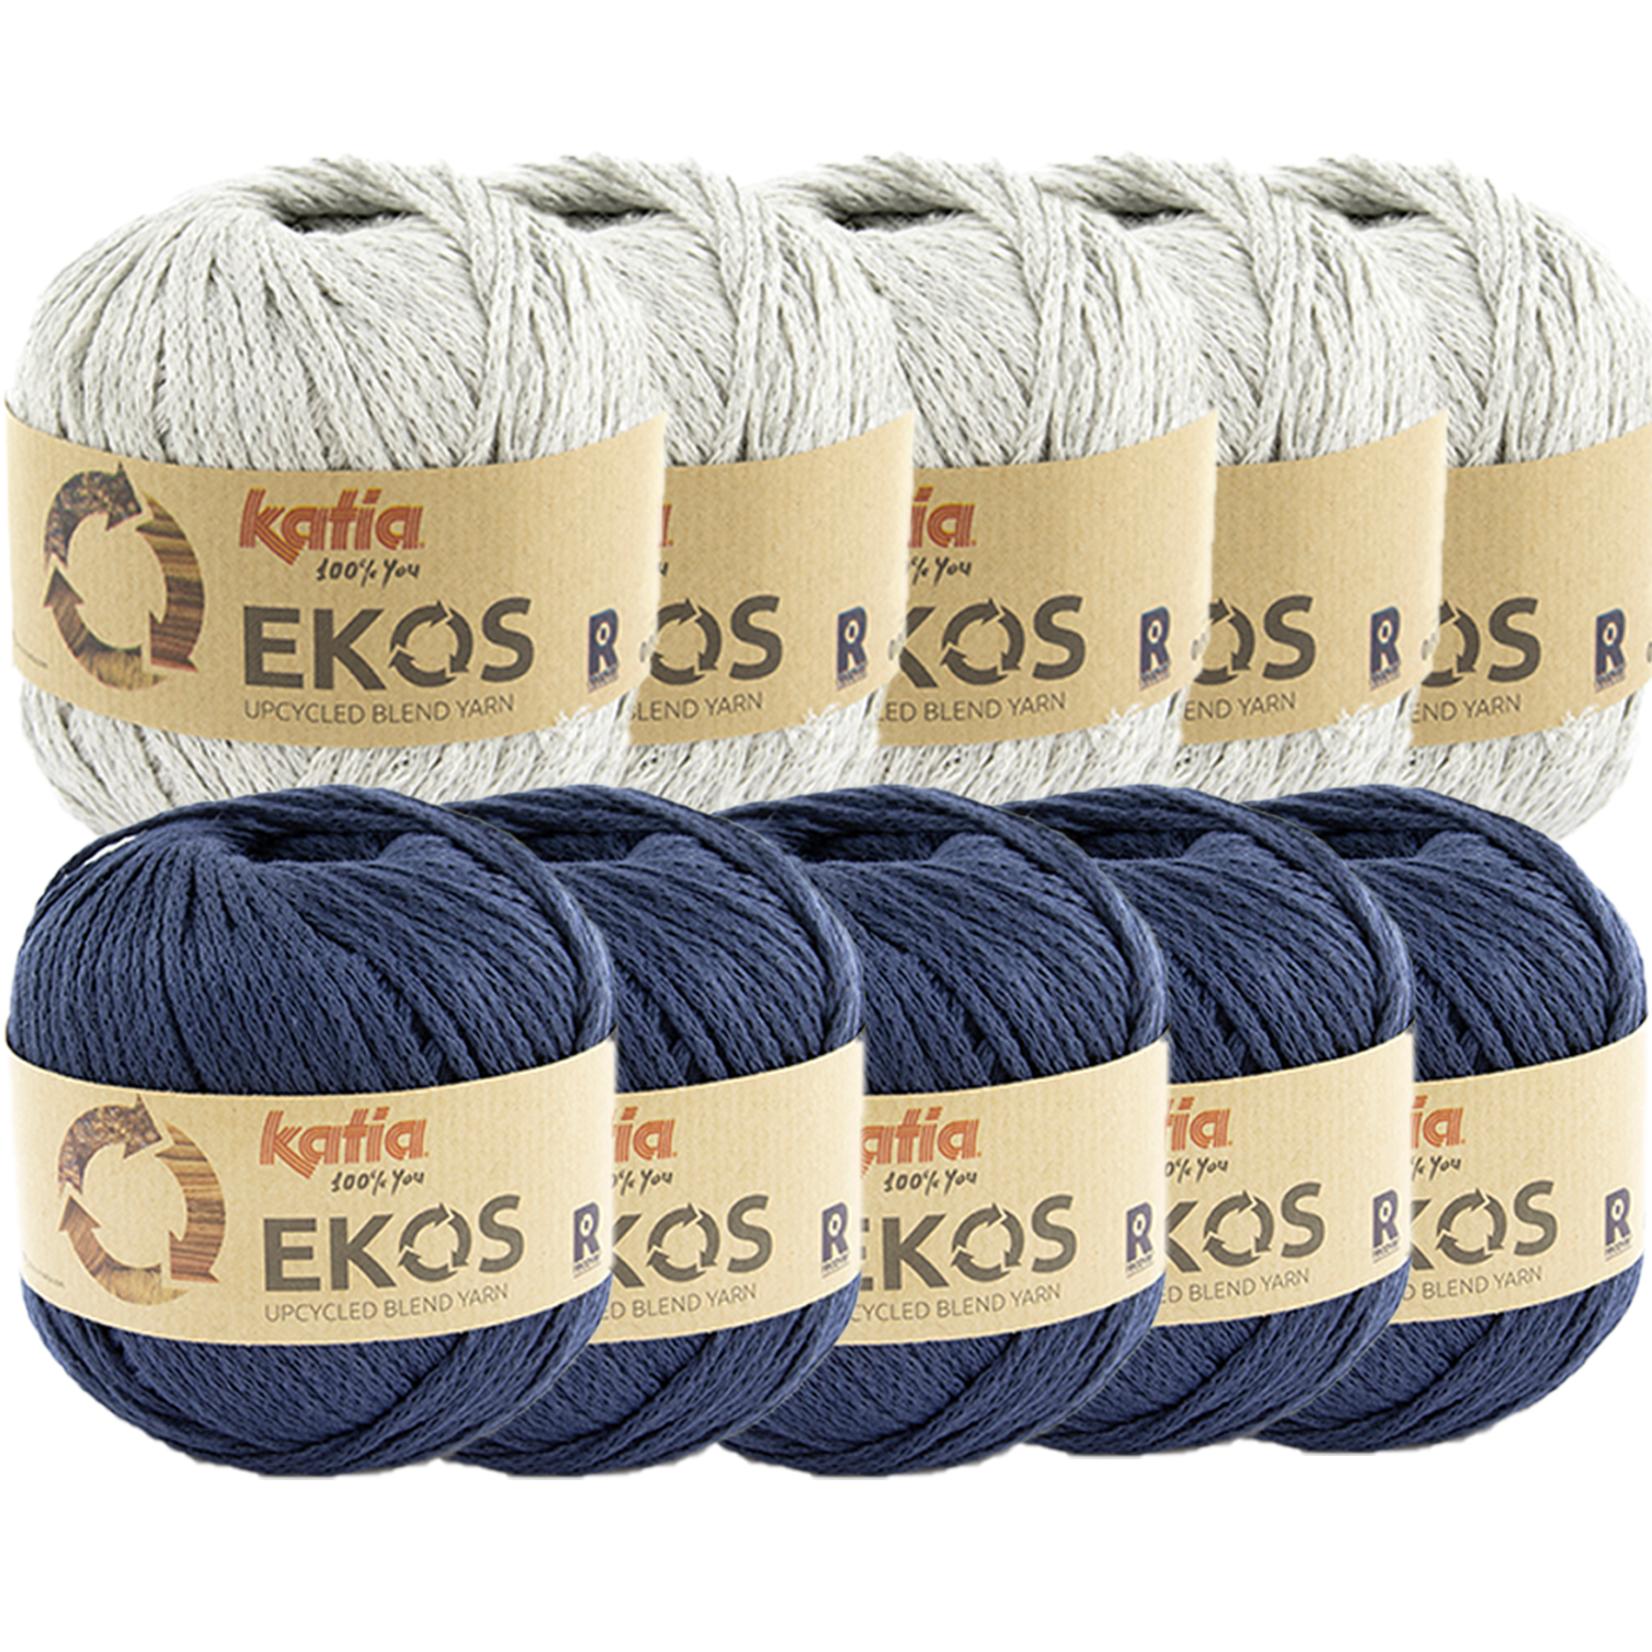 Katia Ekos Combibundel 10 bollen x 50 gr. Lichtgrijs-Donkerblauw